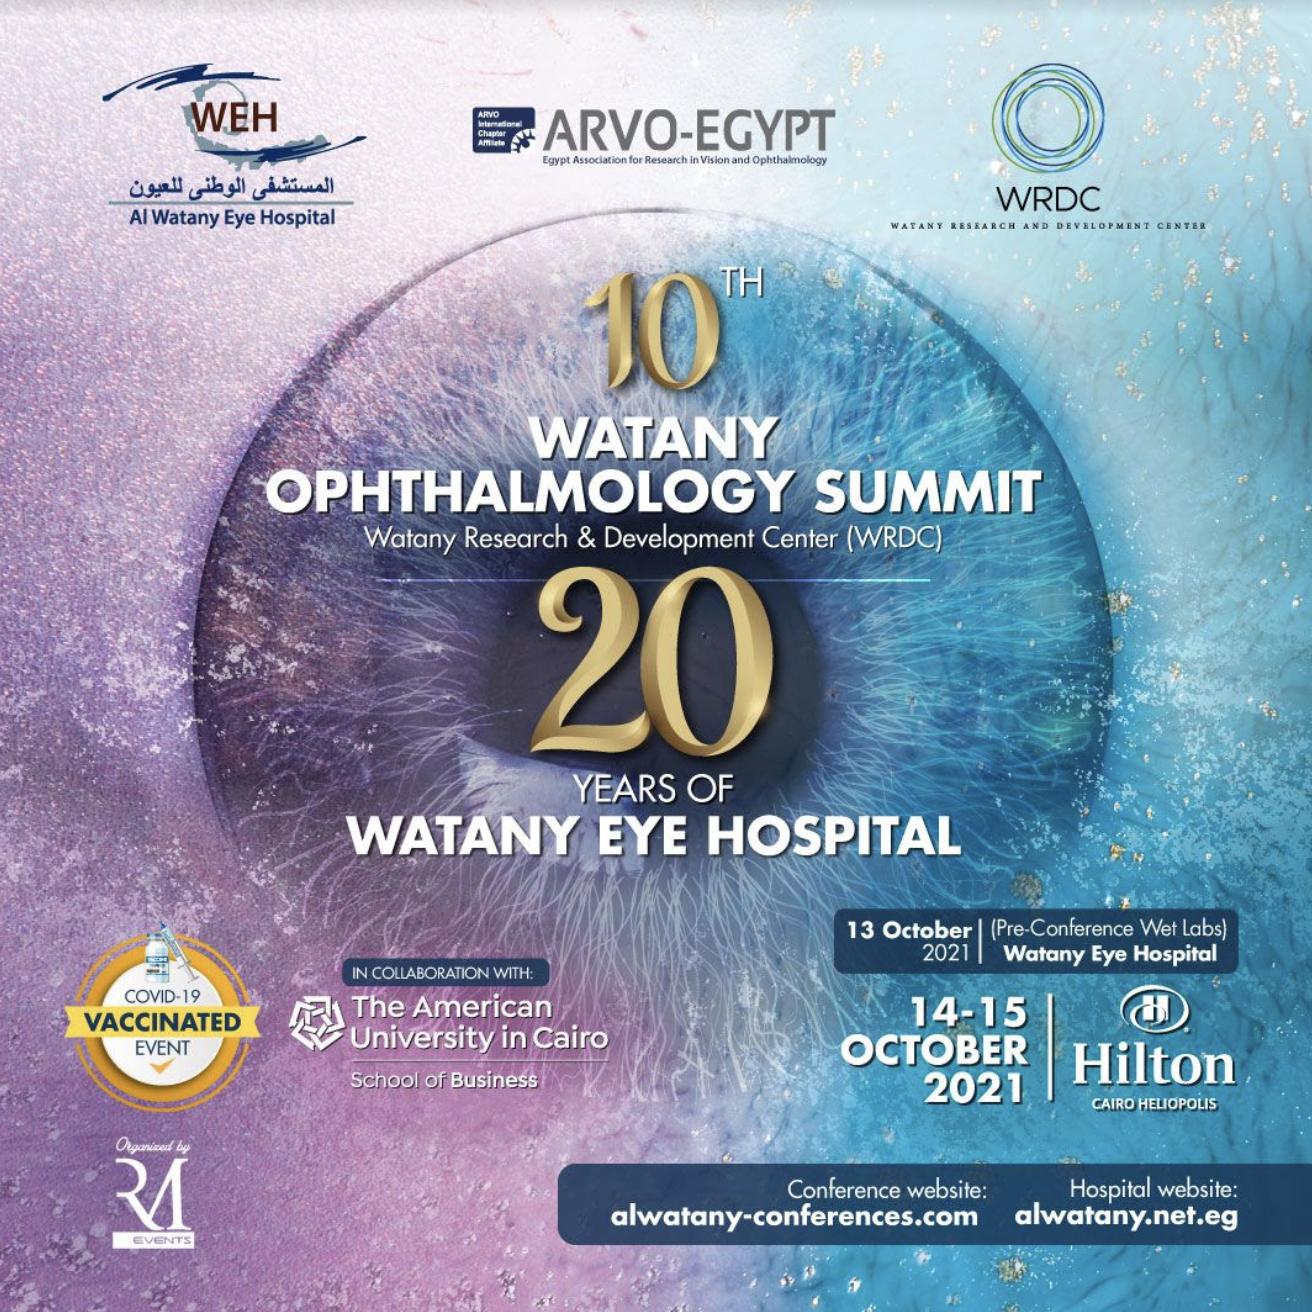 watany ophthalmology summit